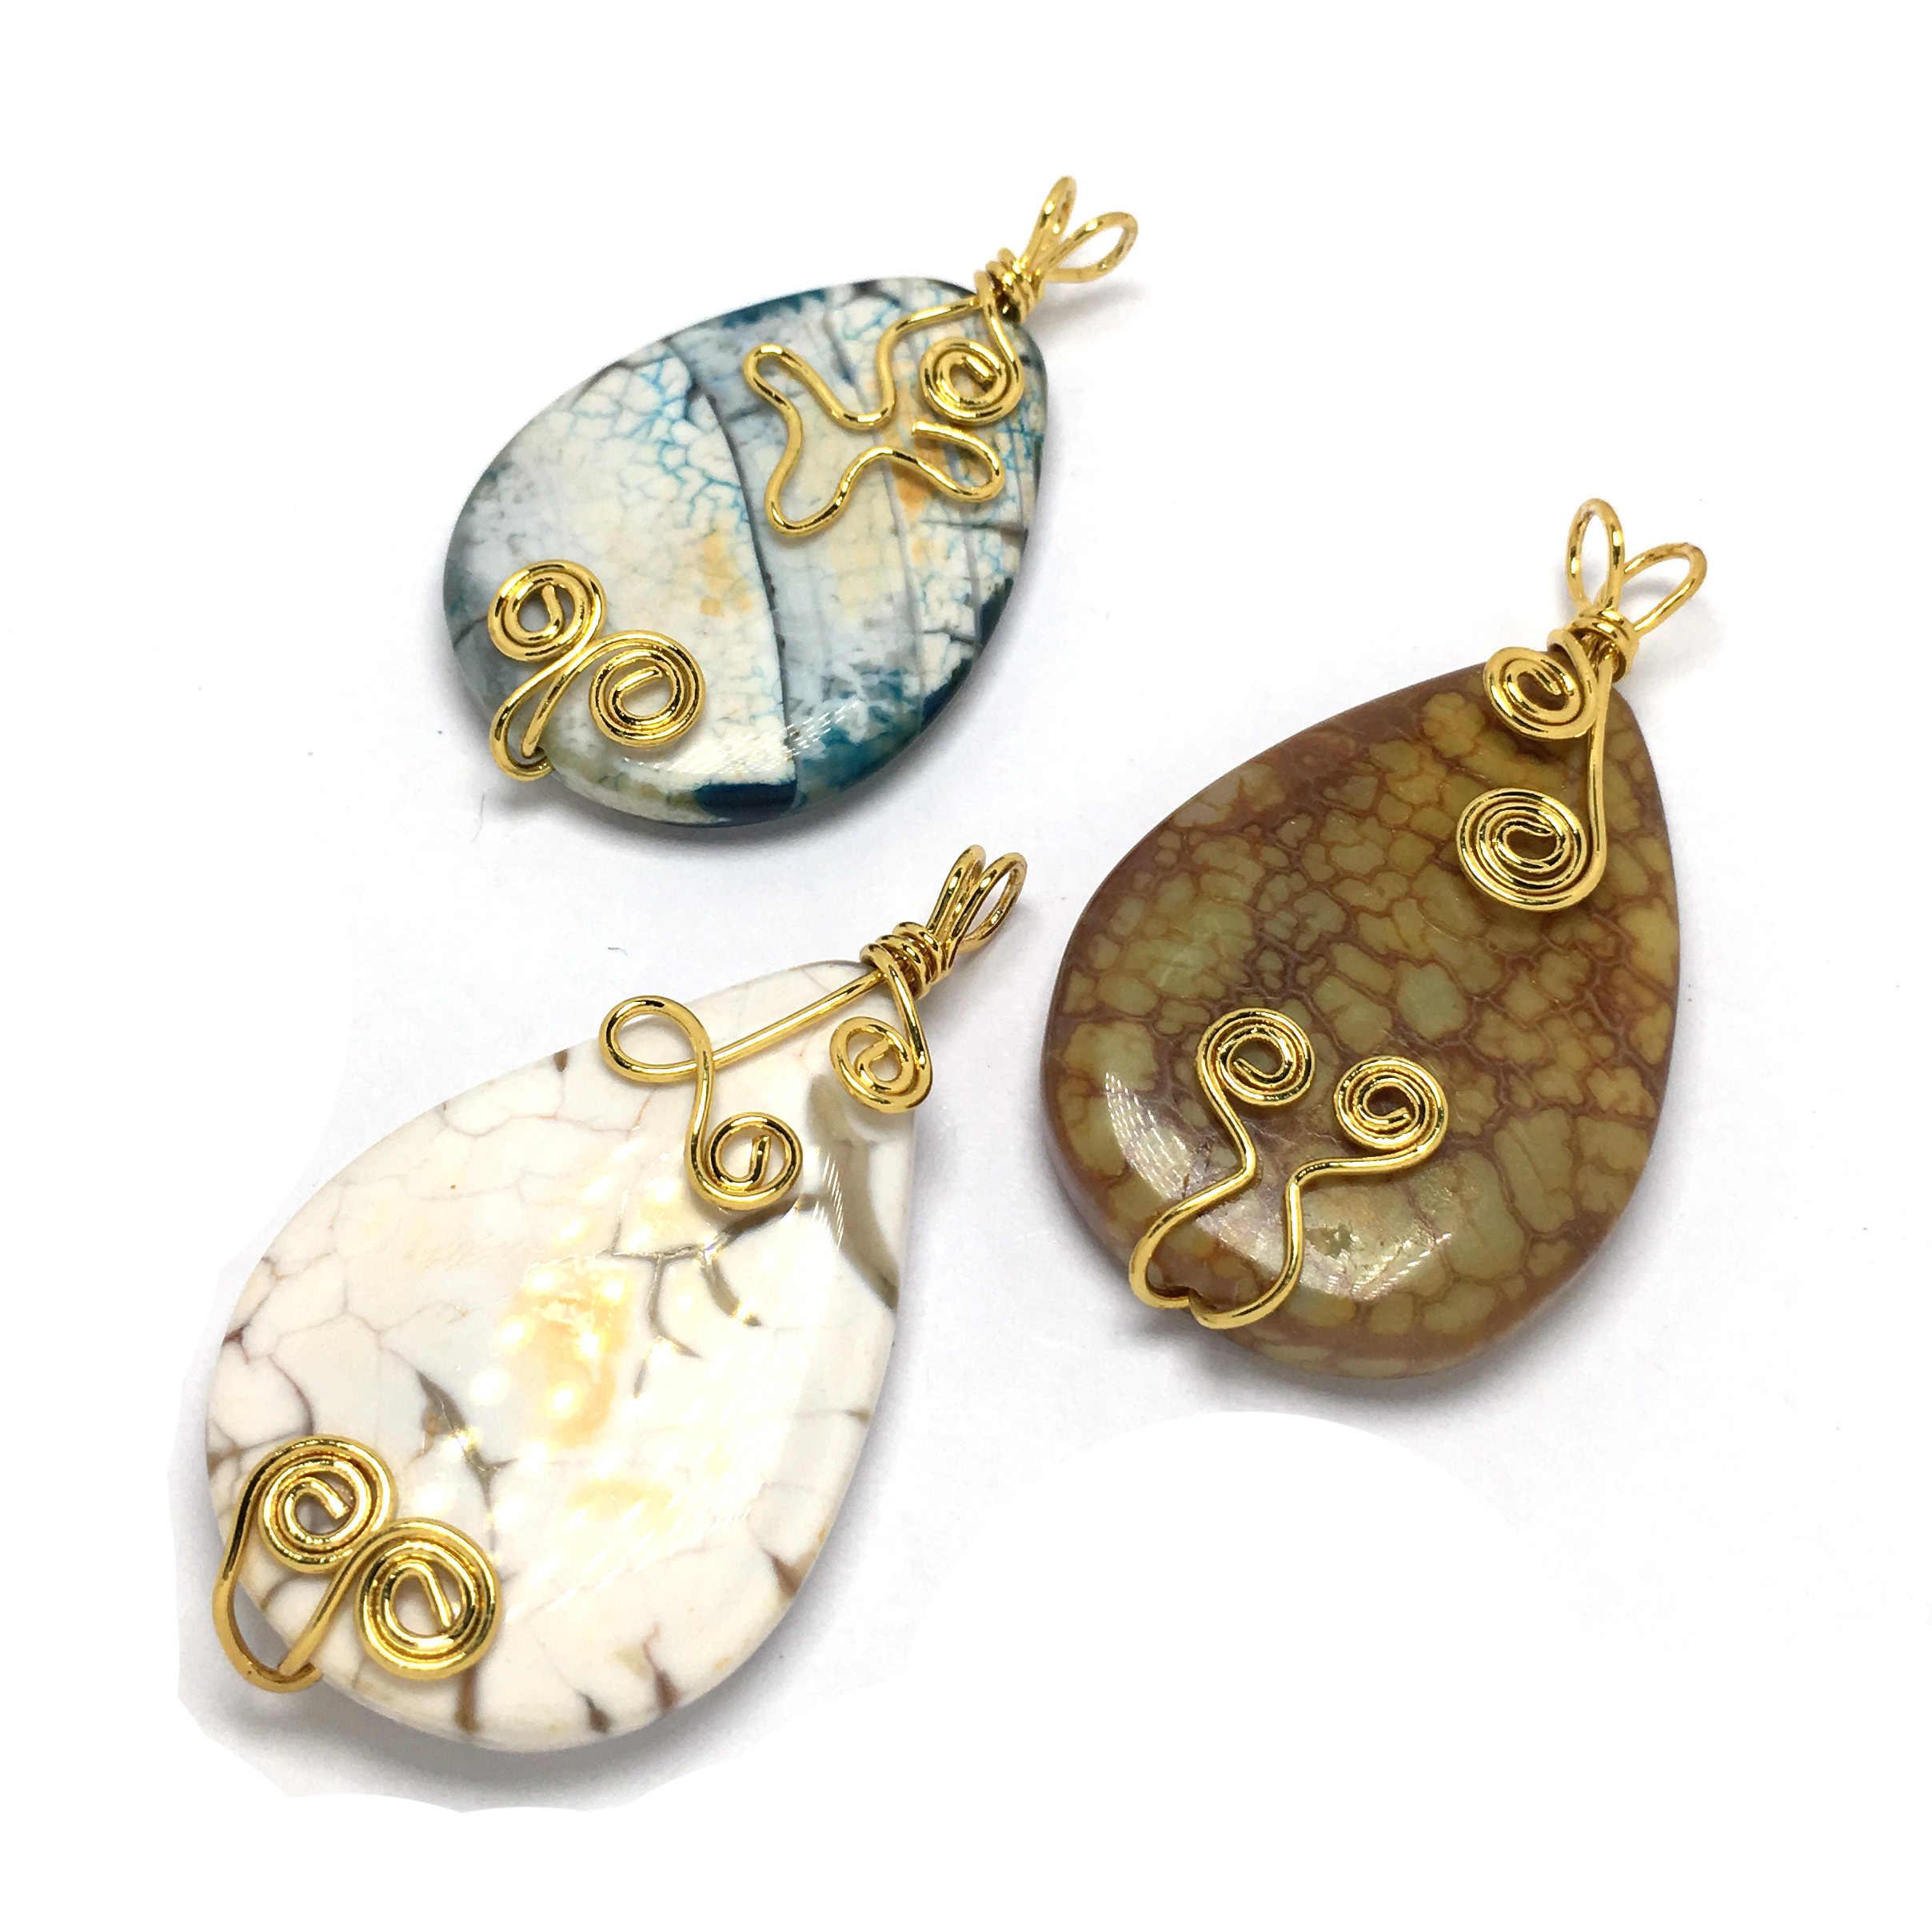 LE SKY nowa kropla wody drzewo życia wisiorki naszyjnik złoty kolorowy drut Wrap kamień naturalny wisiorek kobiety mężczyźni biżuteria Reiki 28x45mm